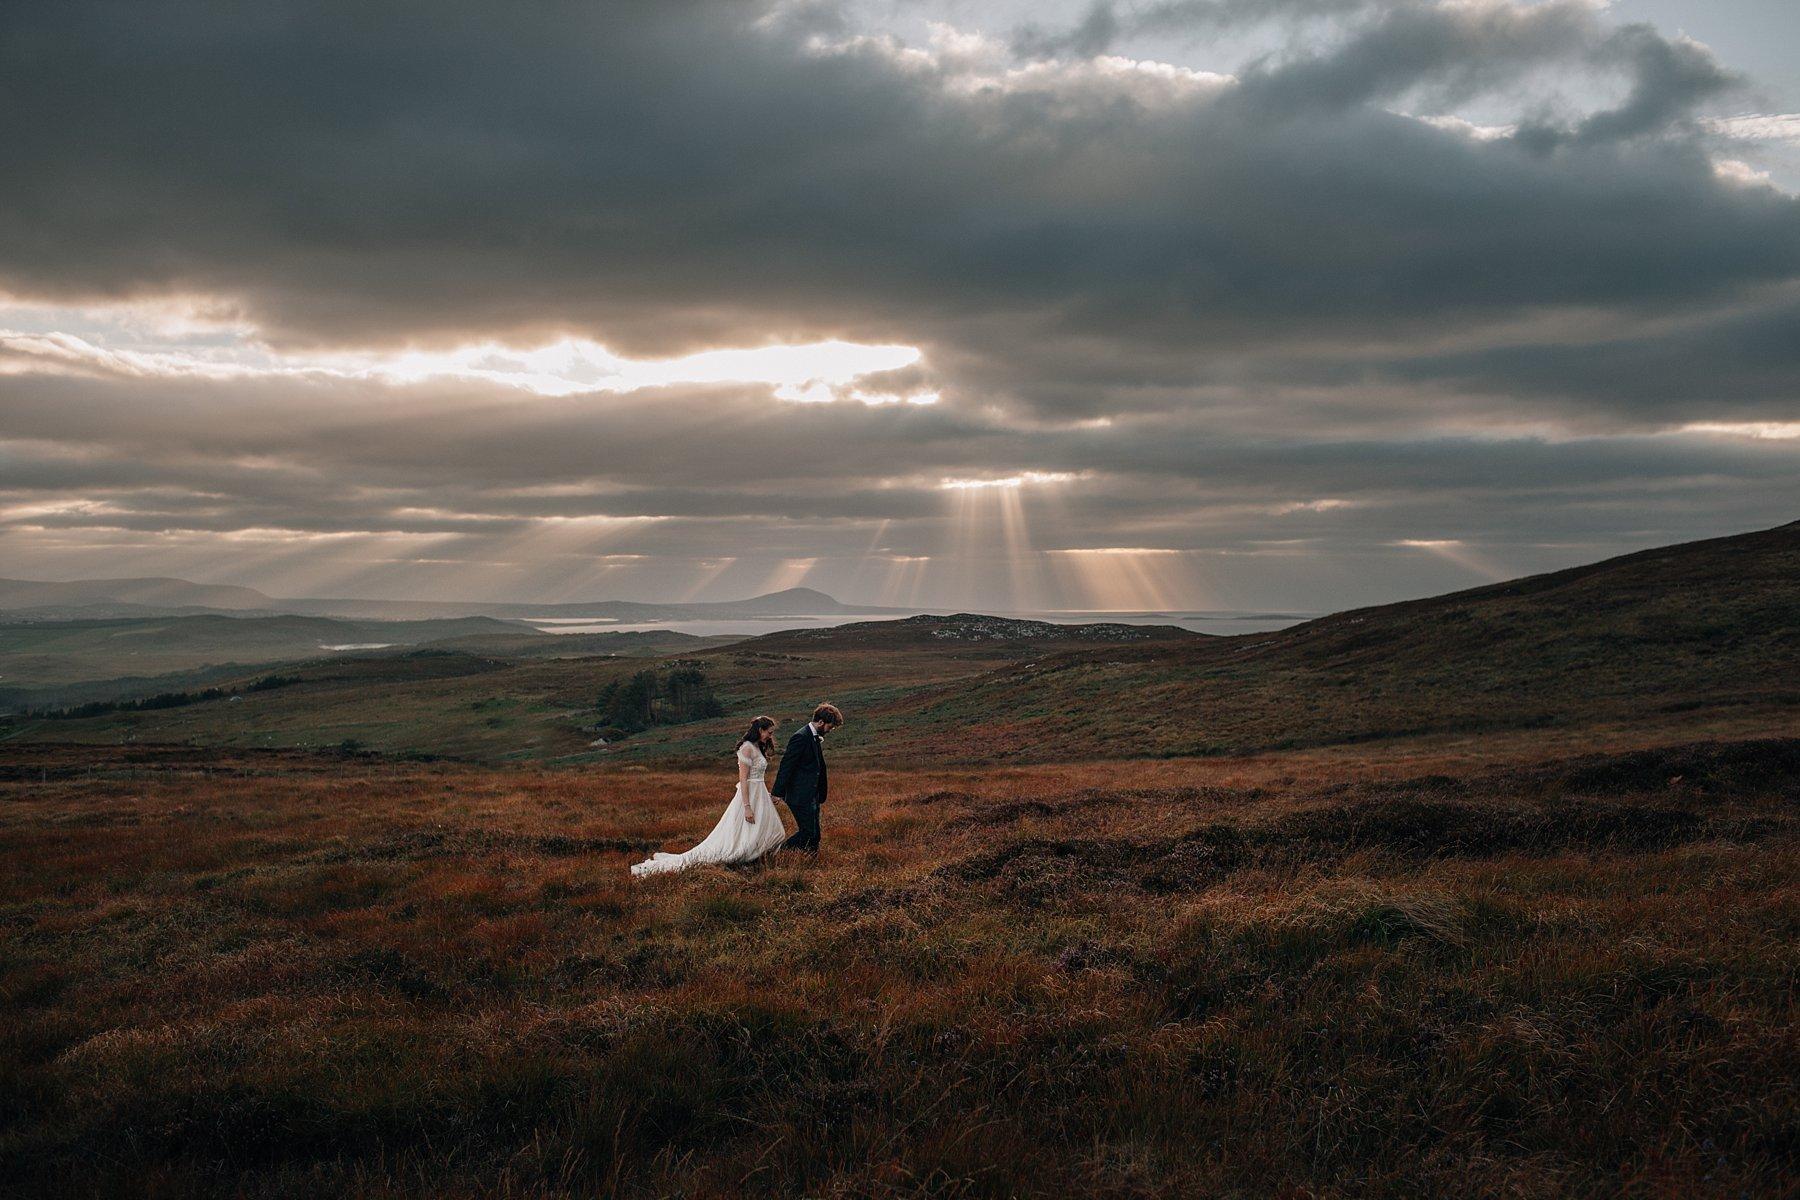 hornhead_donegak_elopement_weddings_0076